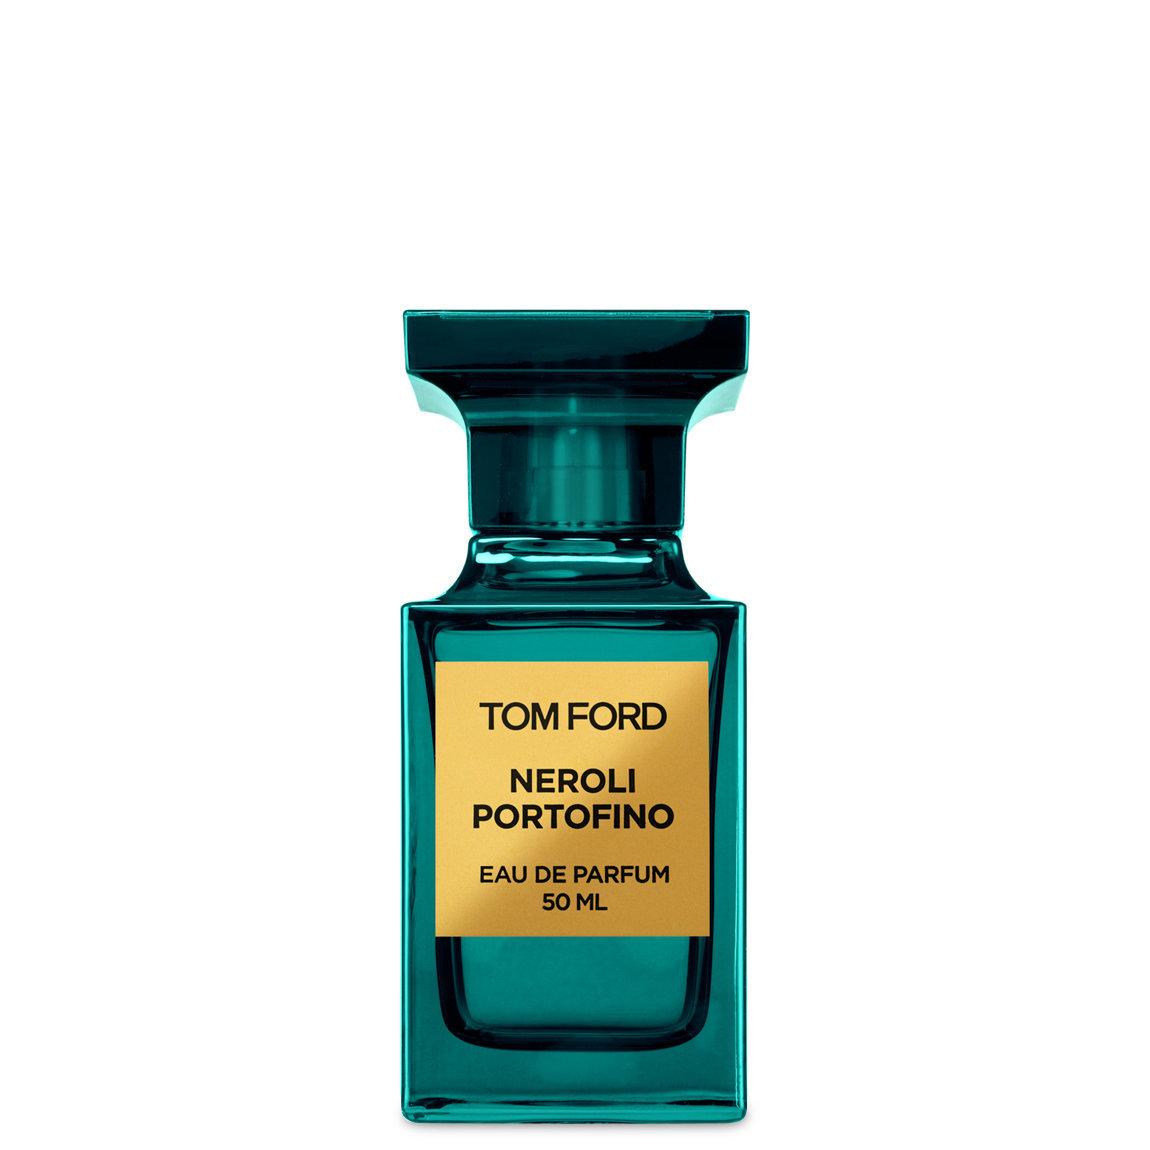 TOM FORD Neroli Portofino 50 ml alternative view 1.